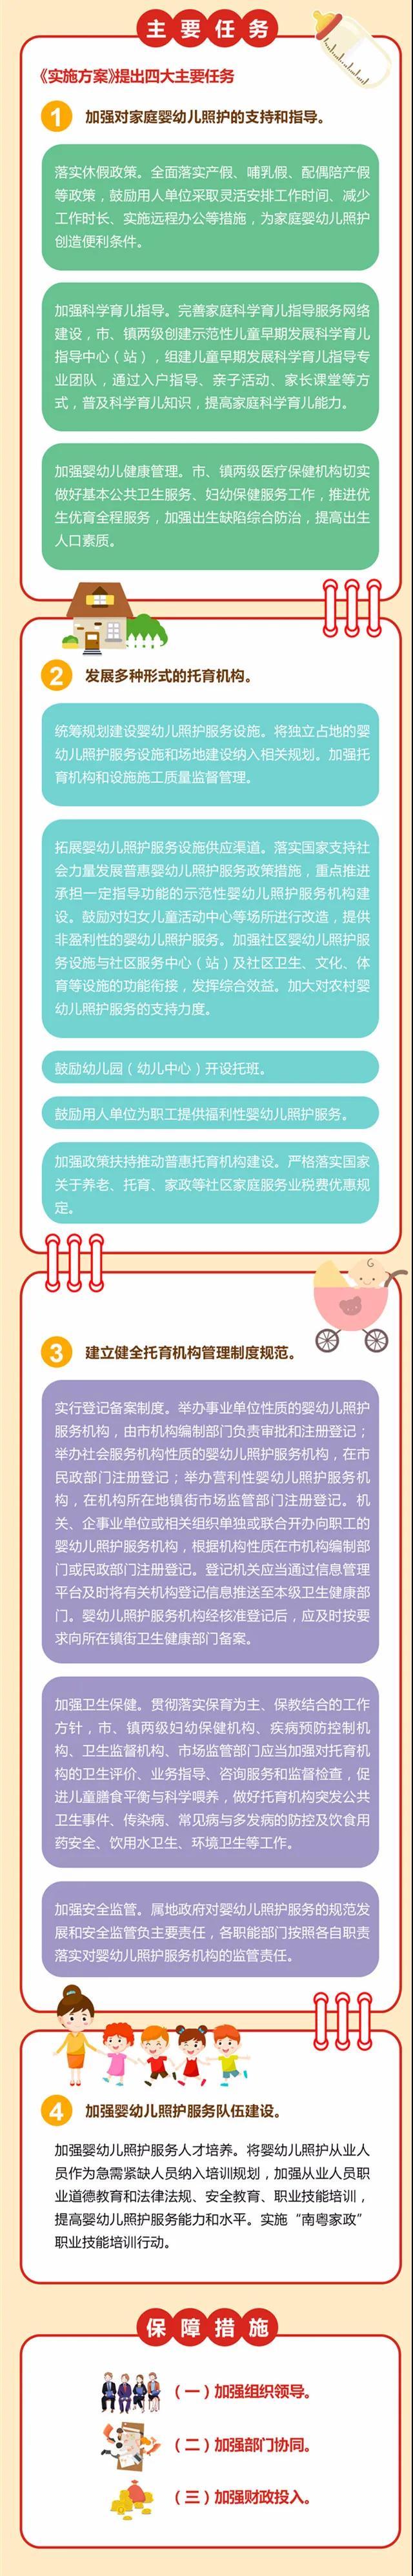 一图读懂中山市婴幼儿照护政策!